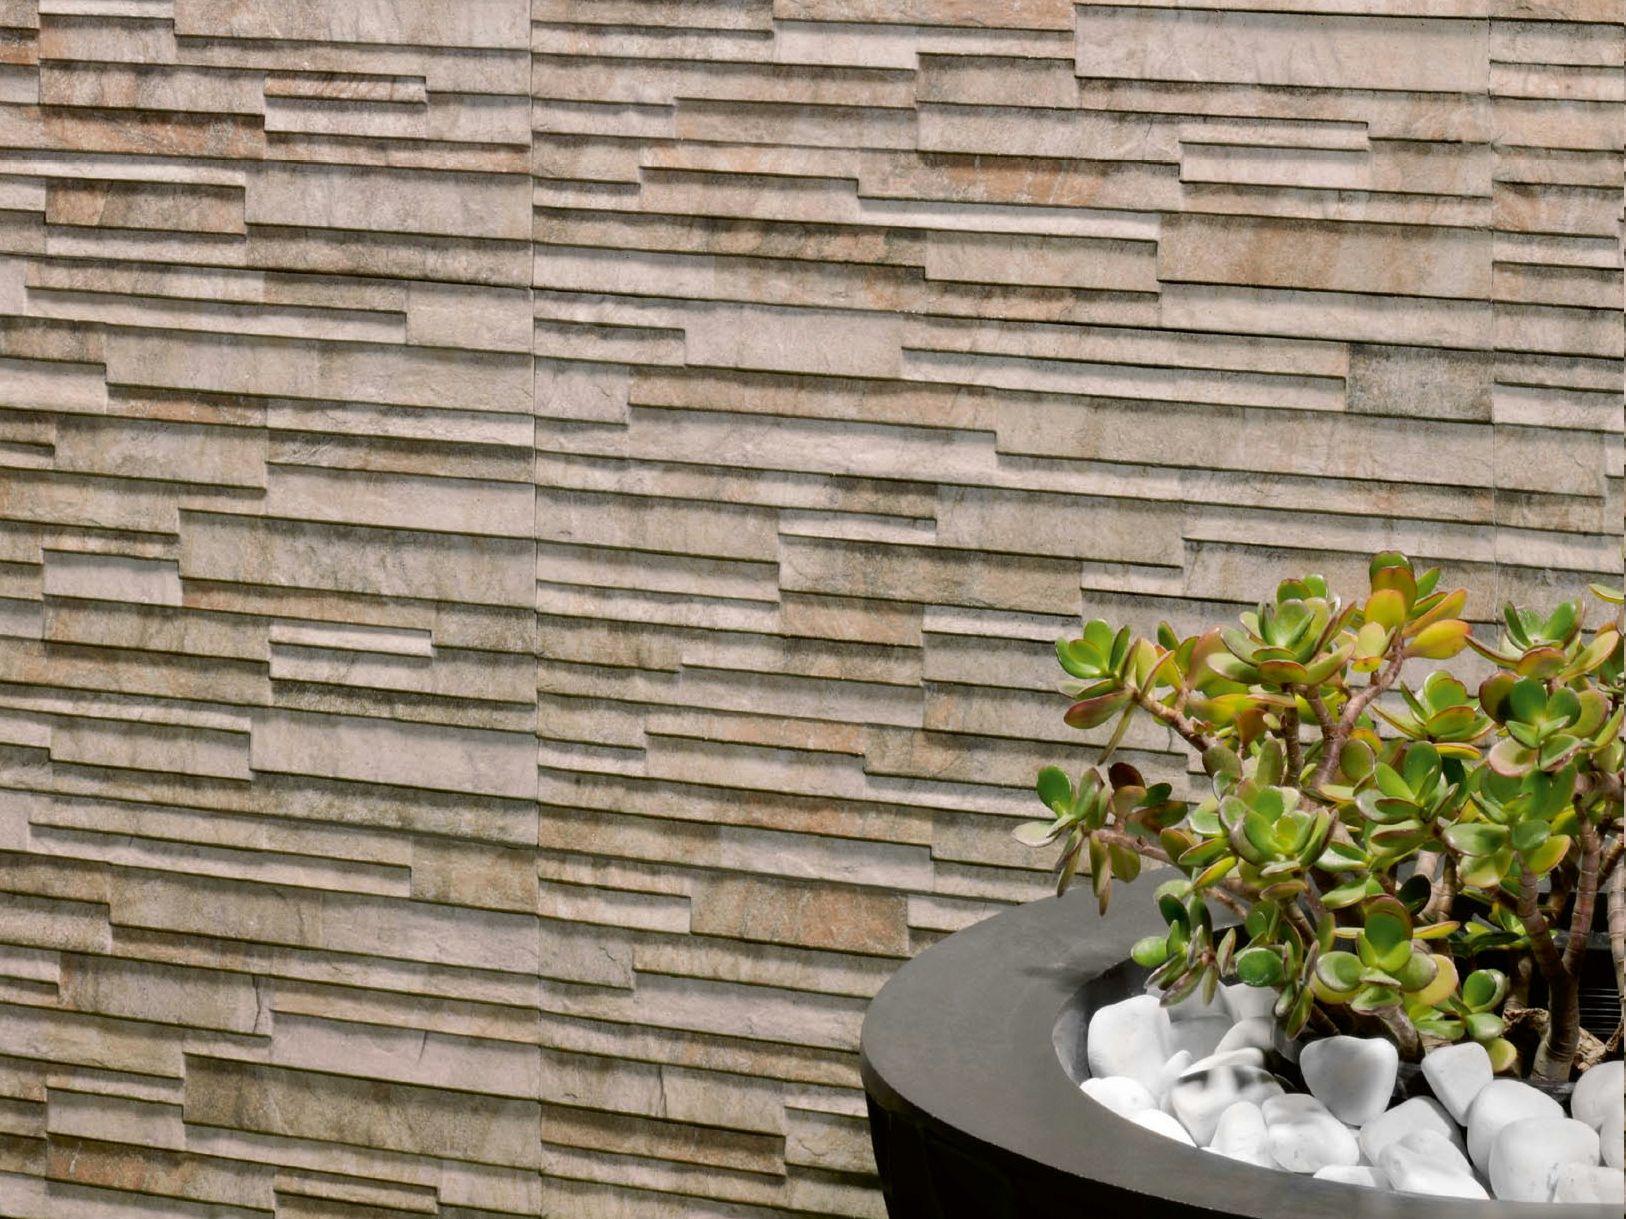 Revestimiento de pared de gres porcel nico para exterior mindanao by realonda revestimiento - Revestimiento para exterior ...